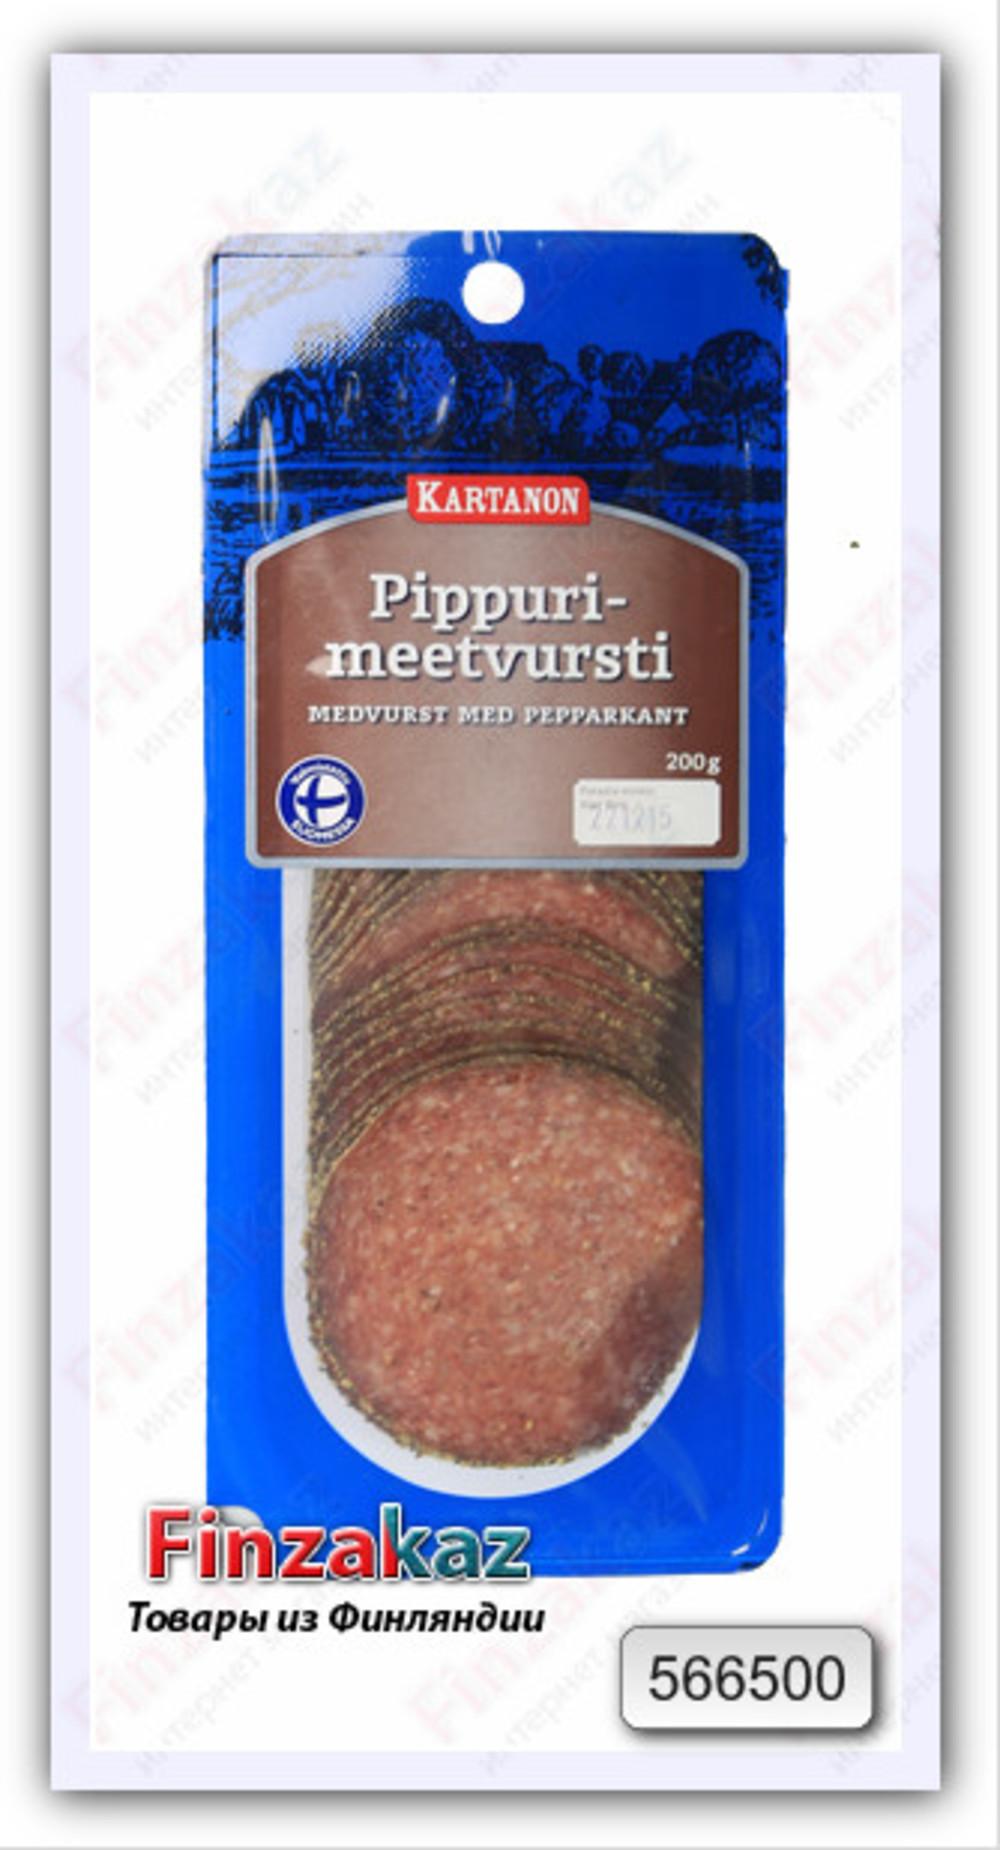 Колбаса салями в нарезке Kartanon с черным перцем 200 гр